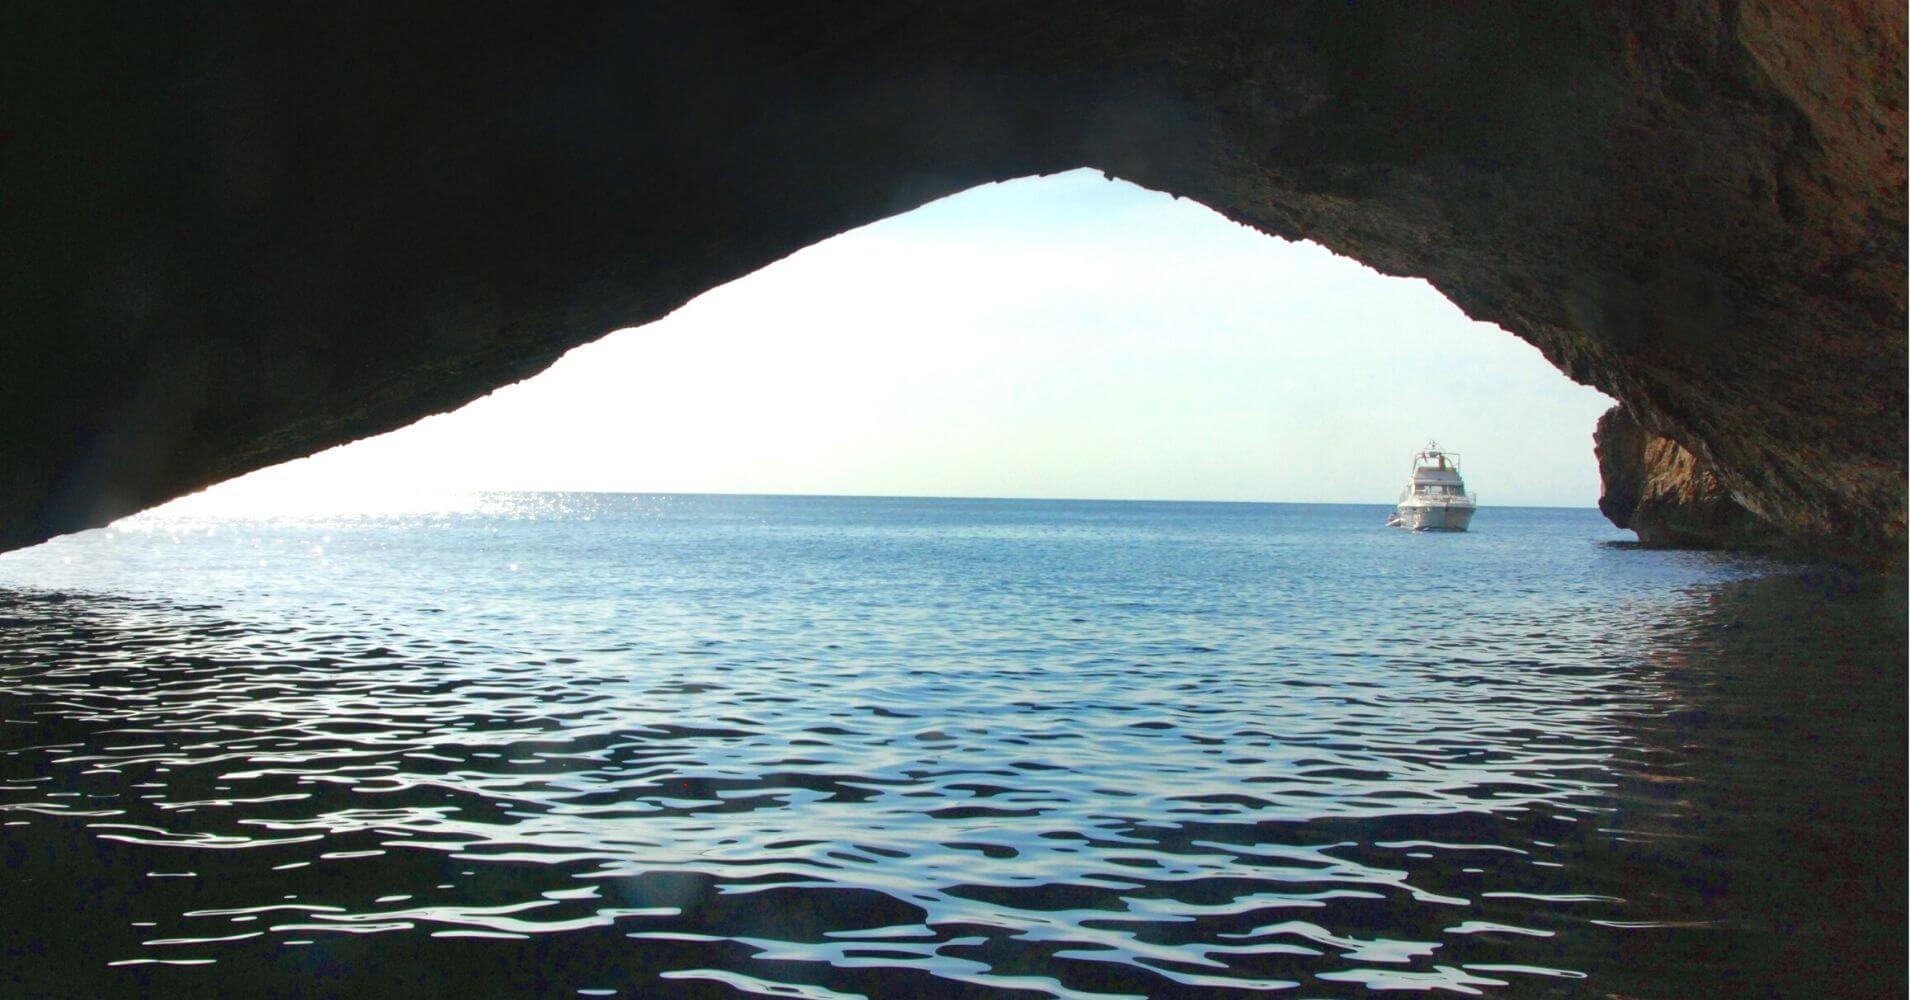 Cueva Azul del Parque Nacional Archipiélago de Cabrera. Islas Baleares.